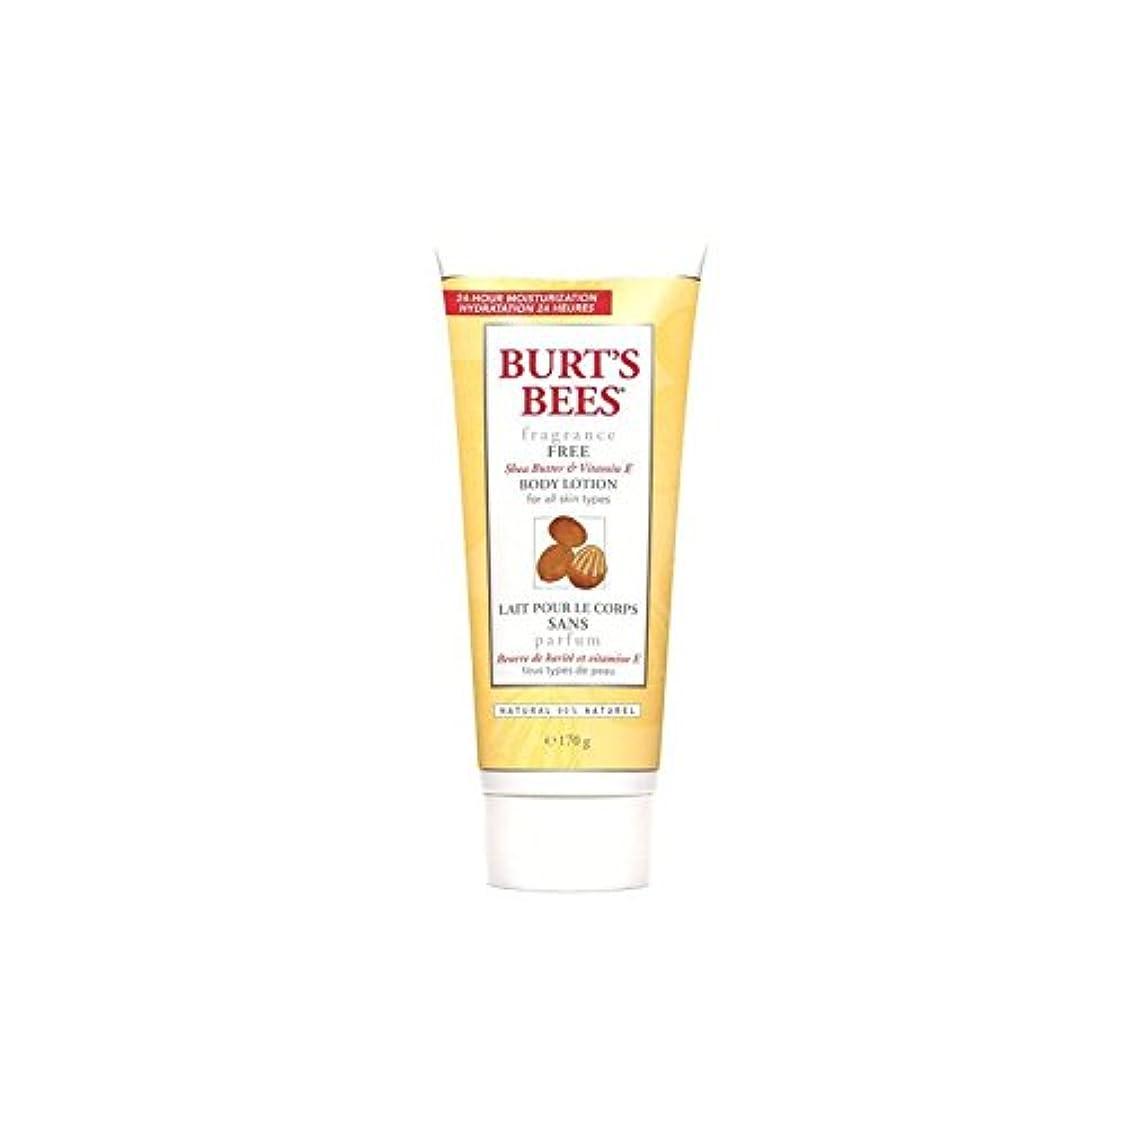 未使用接ぎ木アセバーツビーボディローション - 無香料6オンス x2 - Burt's Bees Body Lotion - Fragrance Free 6fl oz (Pack of 2) [並行輸入品]